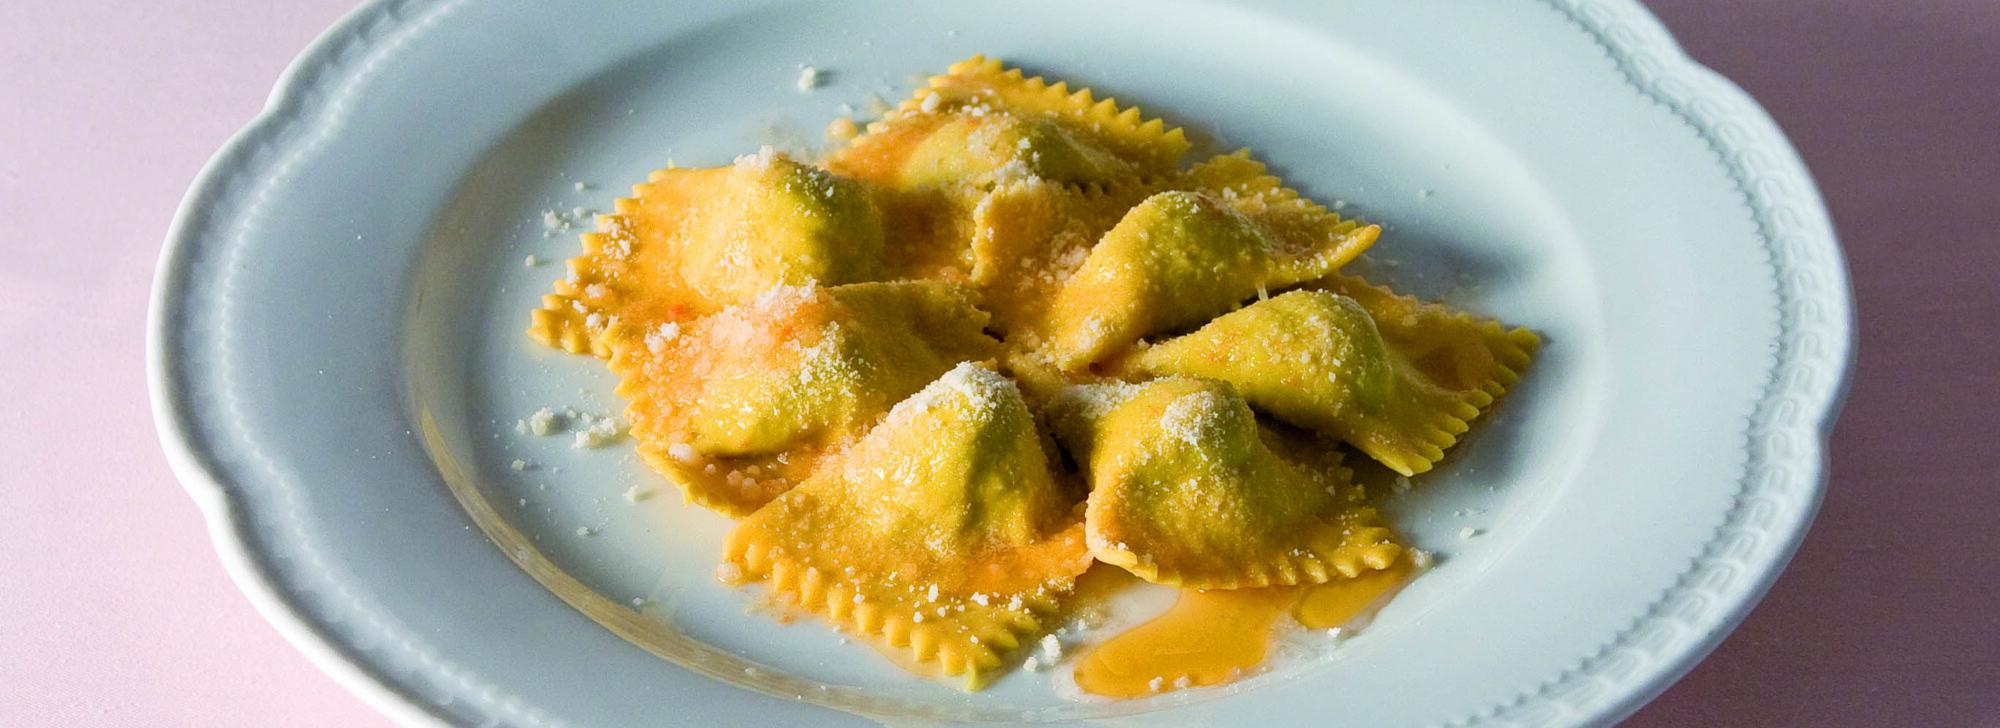 Ristoranti, Pizzerie, Gelaterie, Pasticcerie e Bar che consegnano a domicilio a Parma